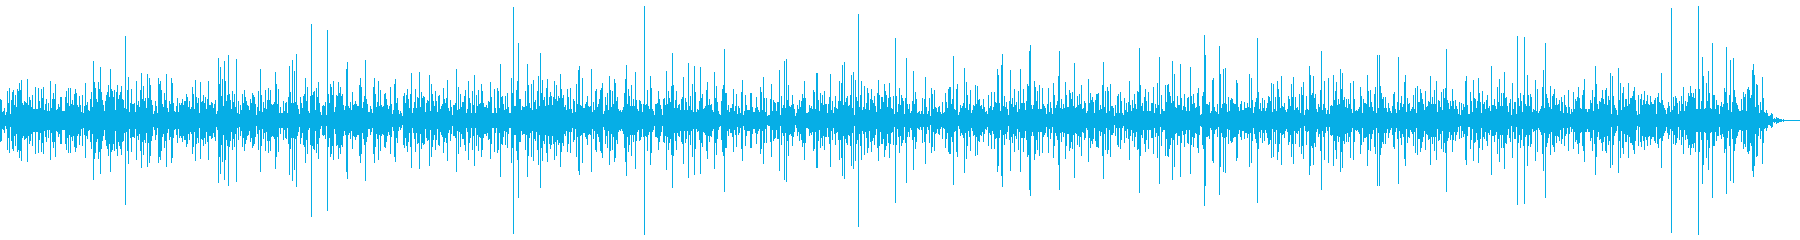 水の滴る音【ピチャピチャ】4の再生済みの波形